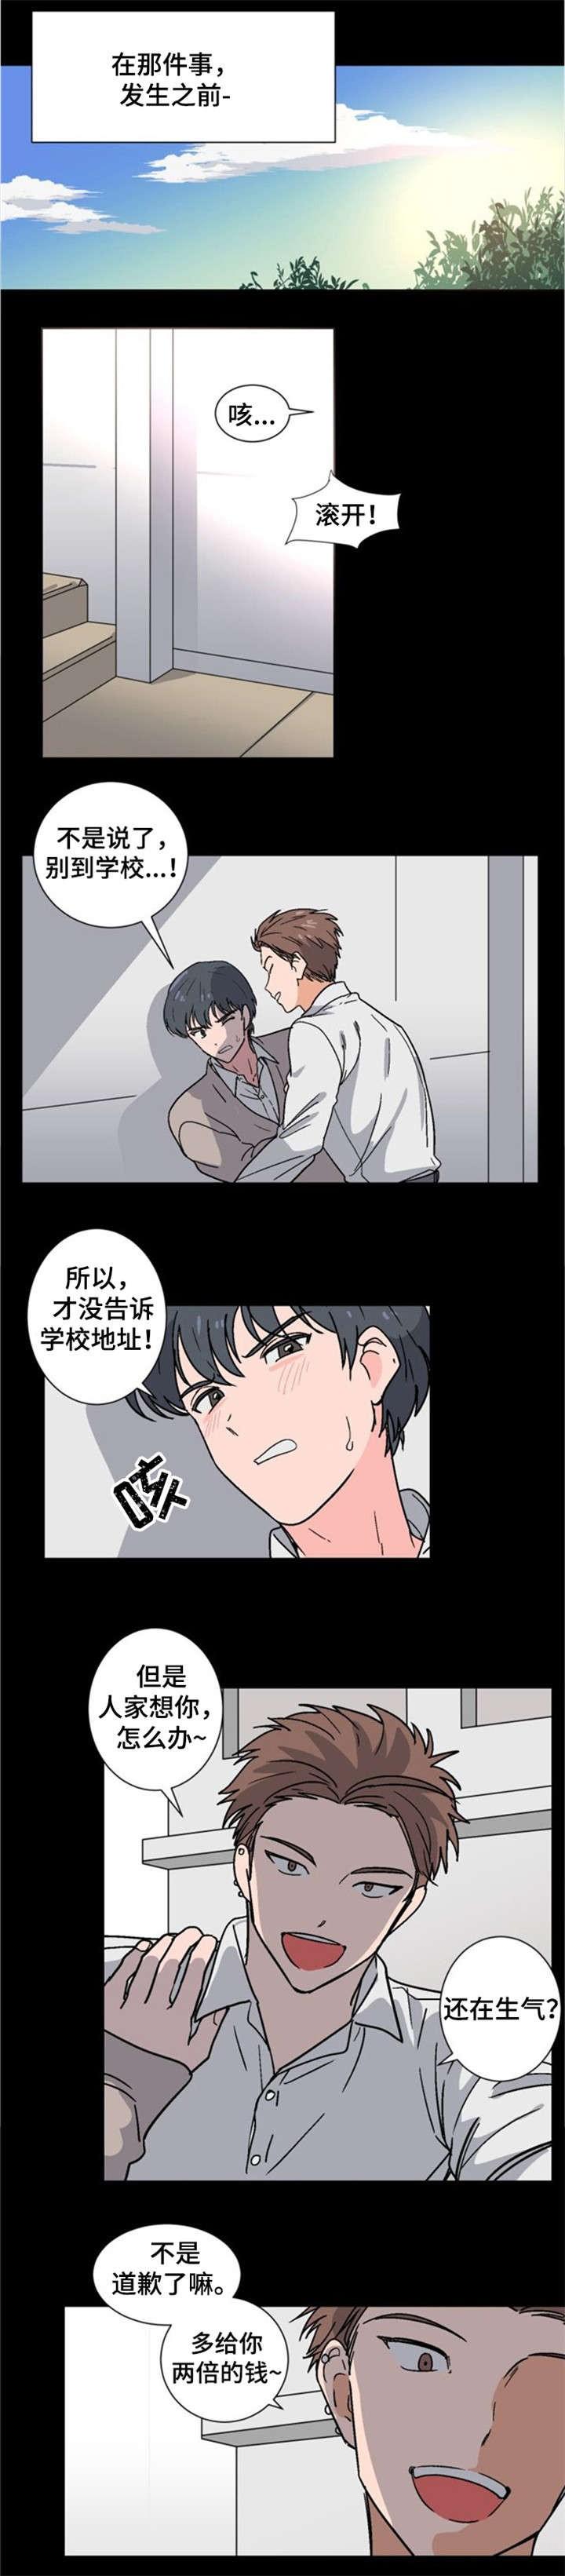 《以身抵租》漫画韩漫&完整版(全文在线阅读)